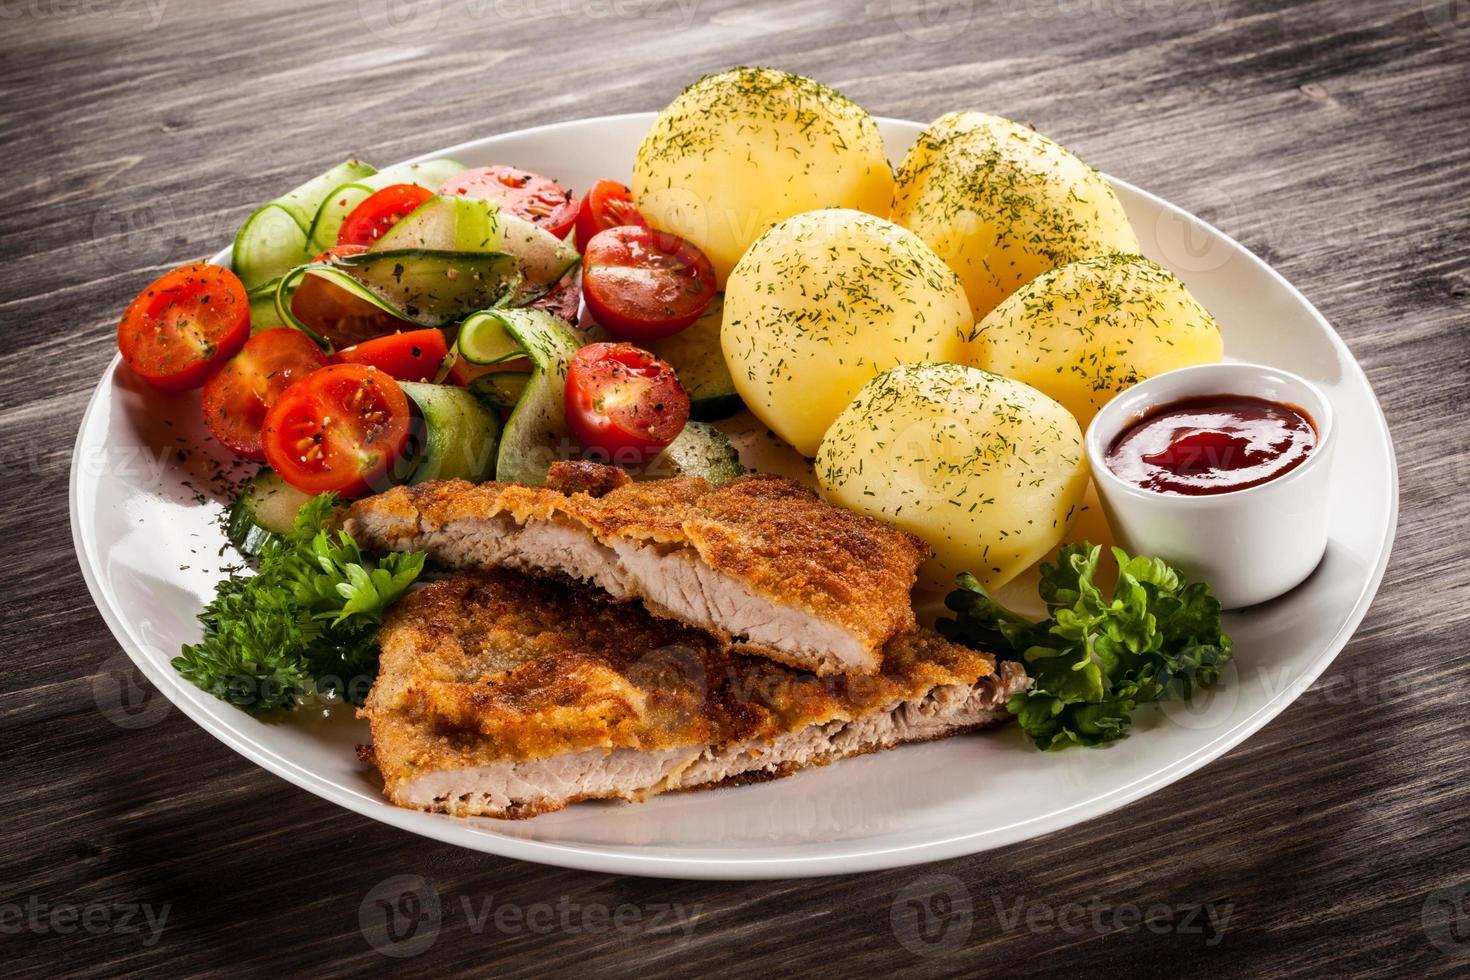 gebakken varkenskarbonades, gekookte aardappelen en groenten op houten achtergrond foto